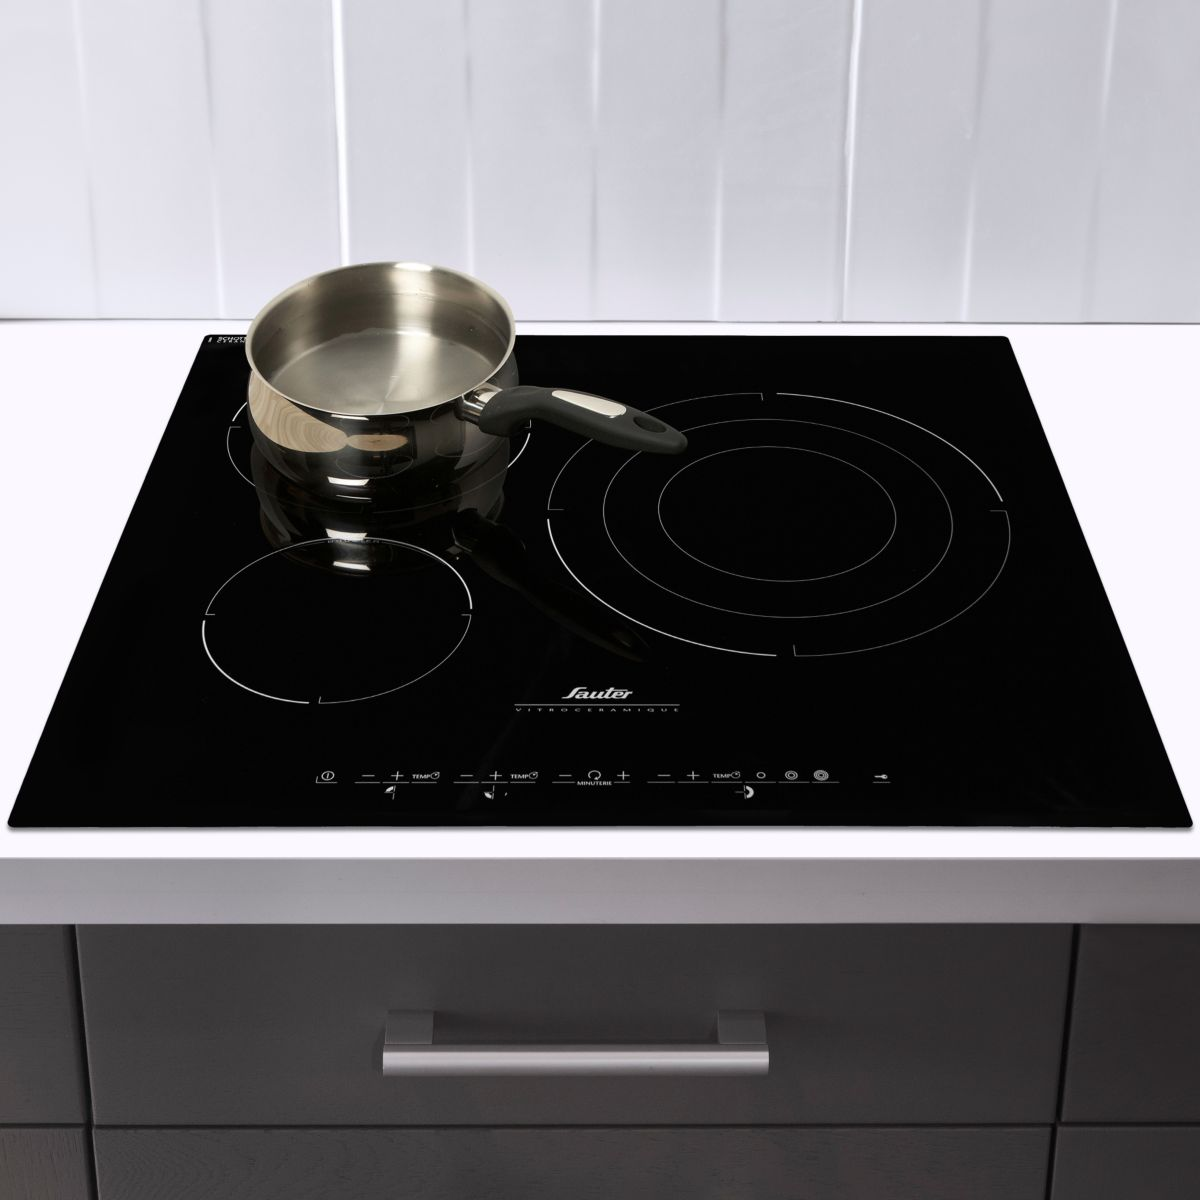 Sauter stv944 table de cuisson vitroc ramique 3 foyers for Table vitroceramique